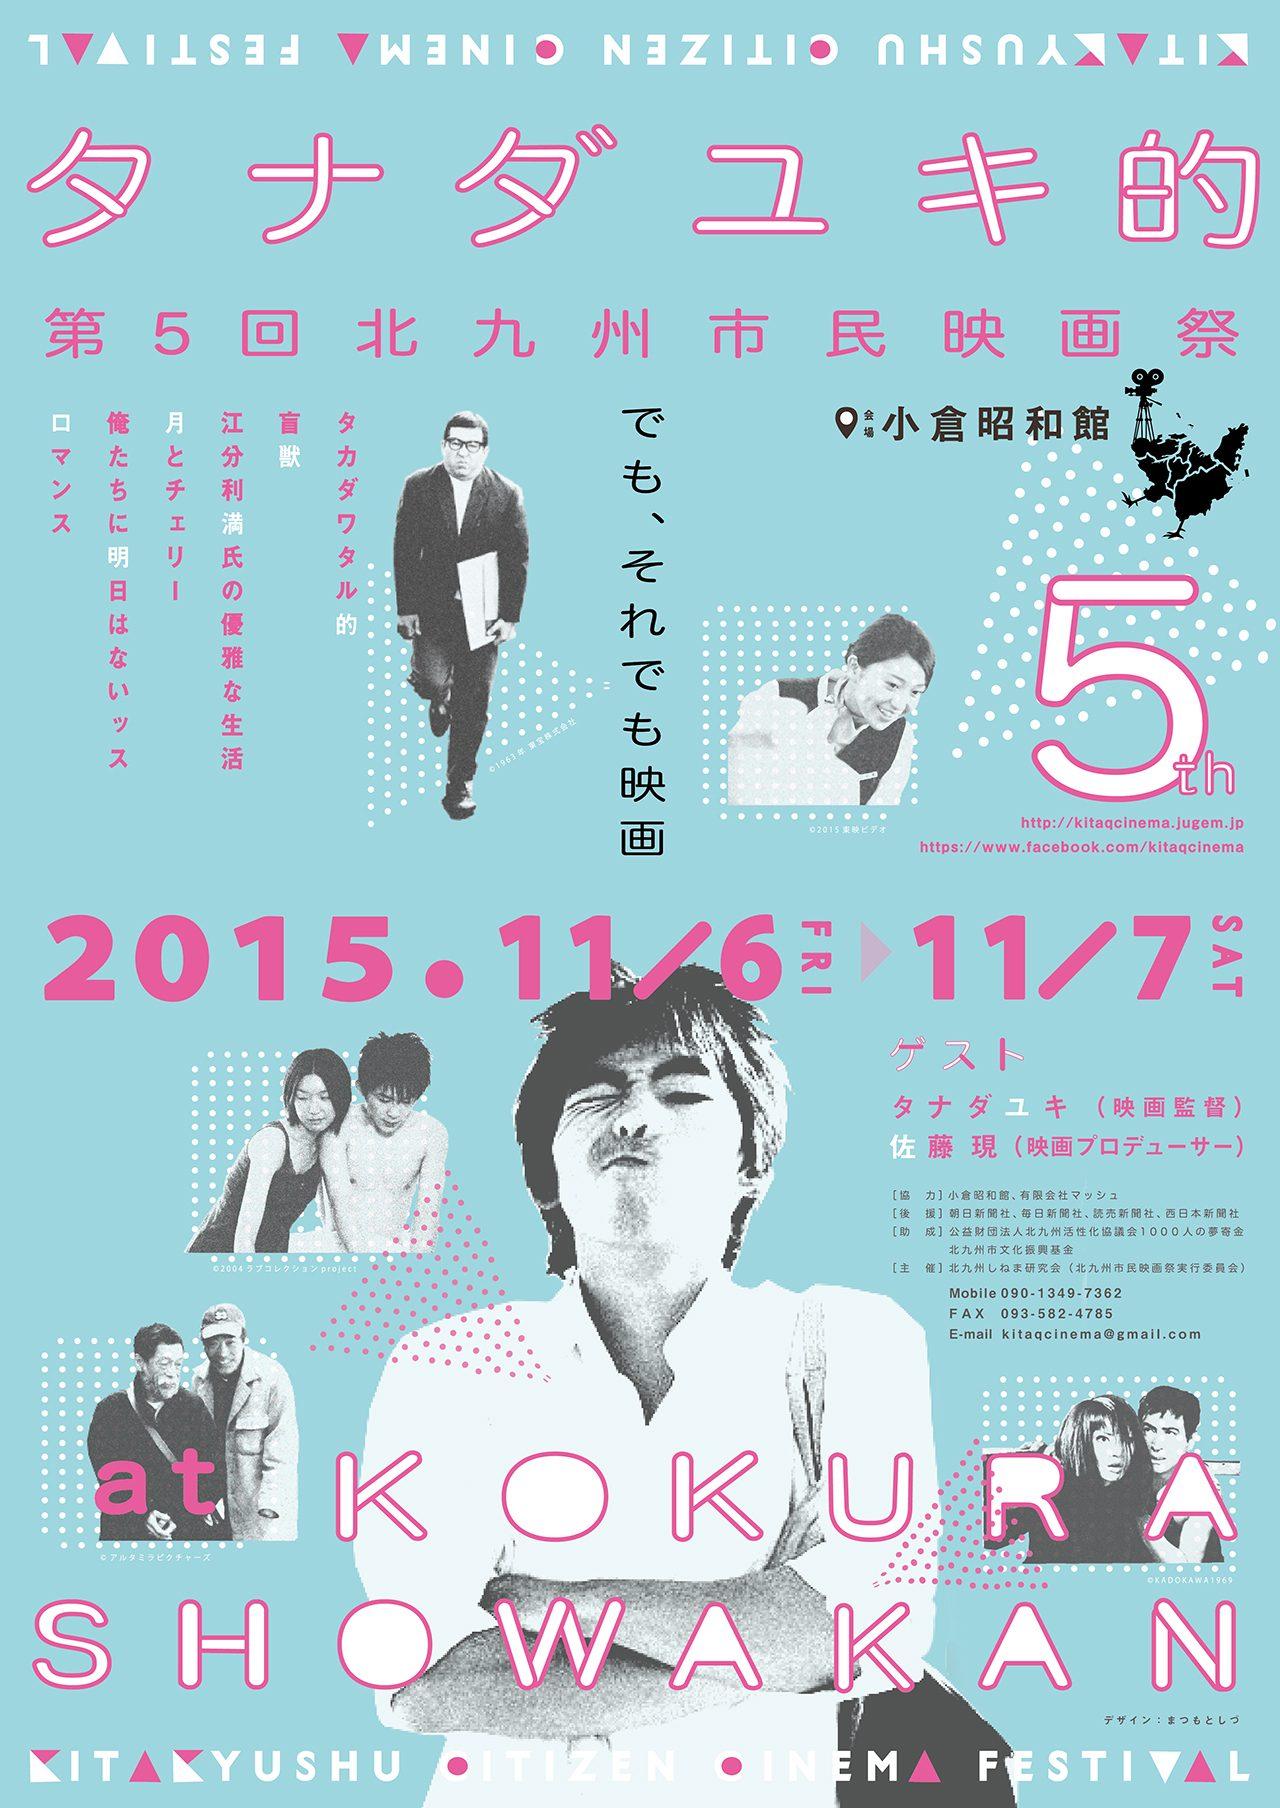 画像1: photo(C)北九州しねま研究会